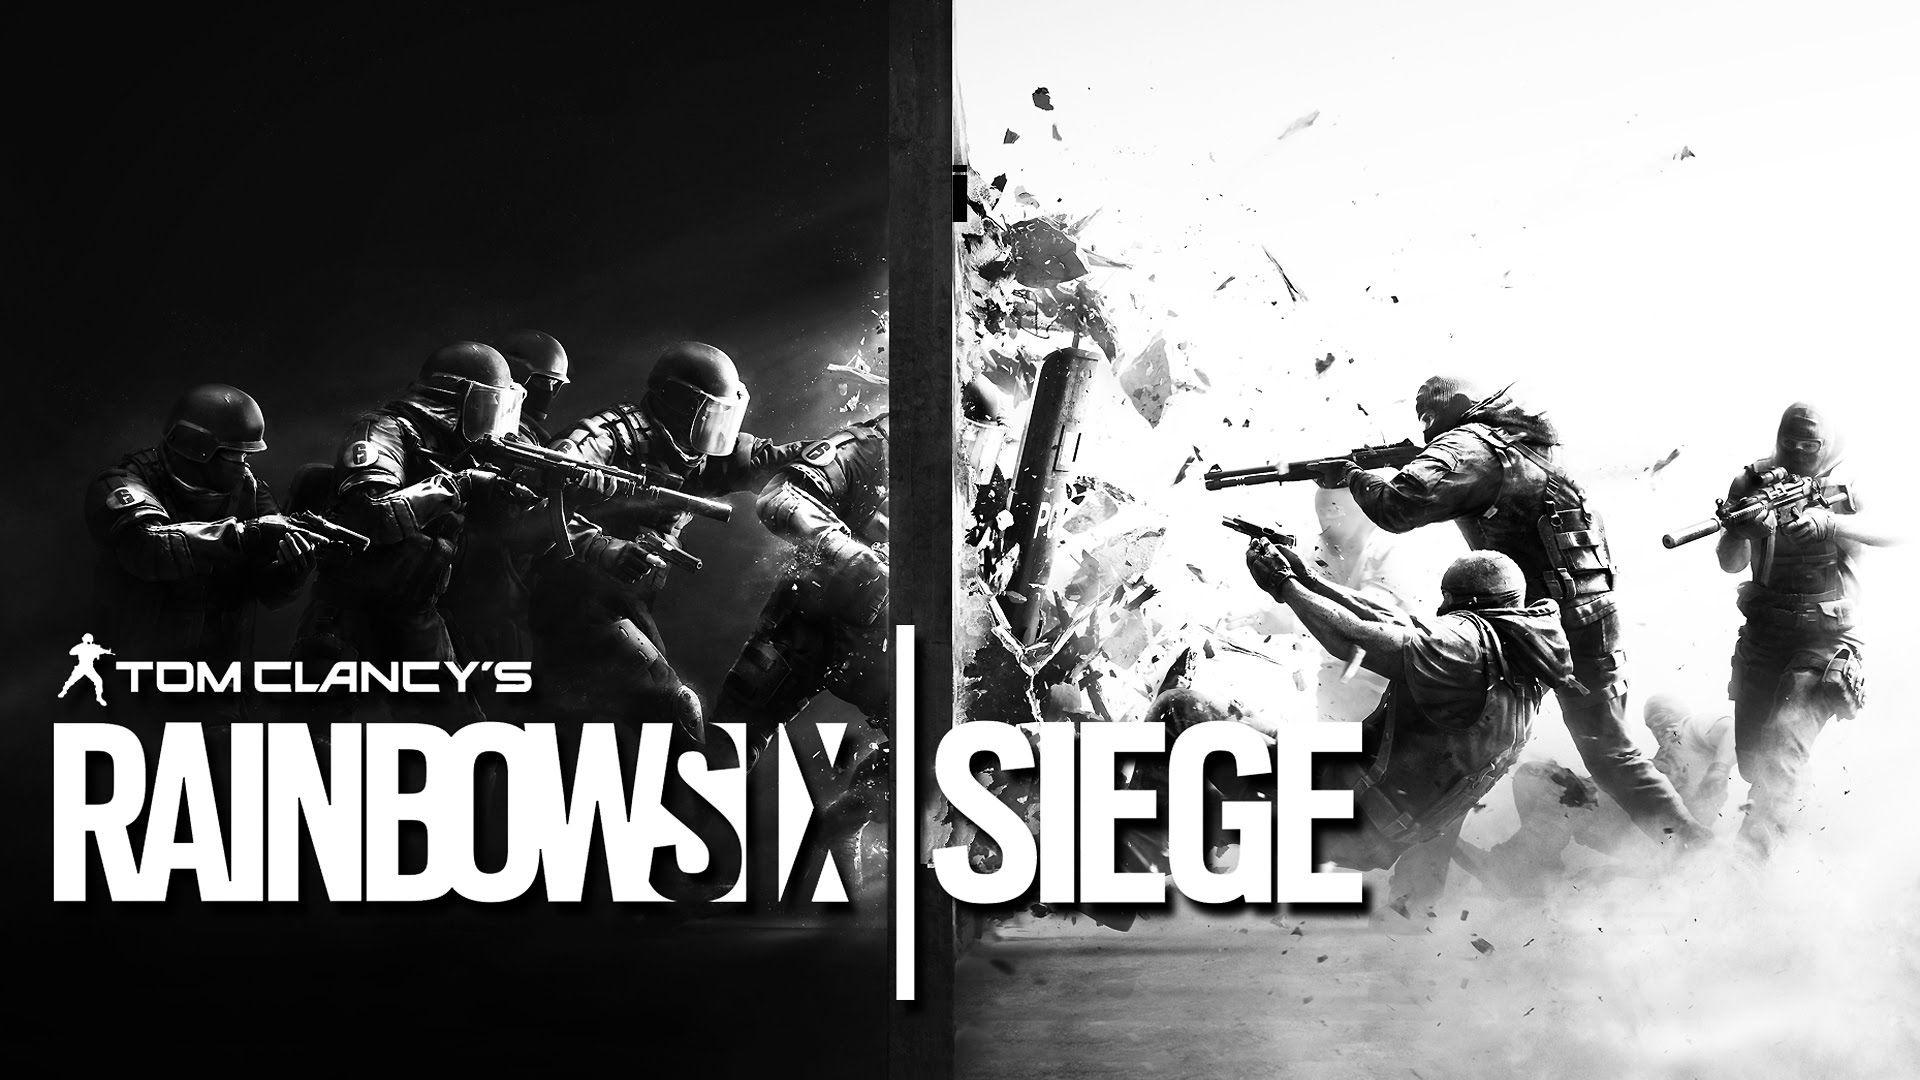 Rainbow Six Siege S Next Dlc Pack Revealed Tom Clancy S Rainbow